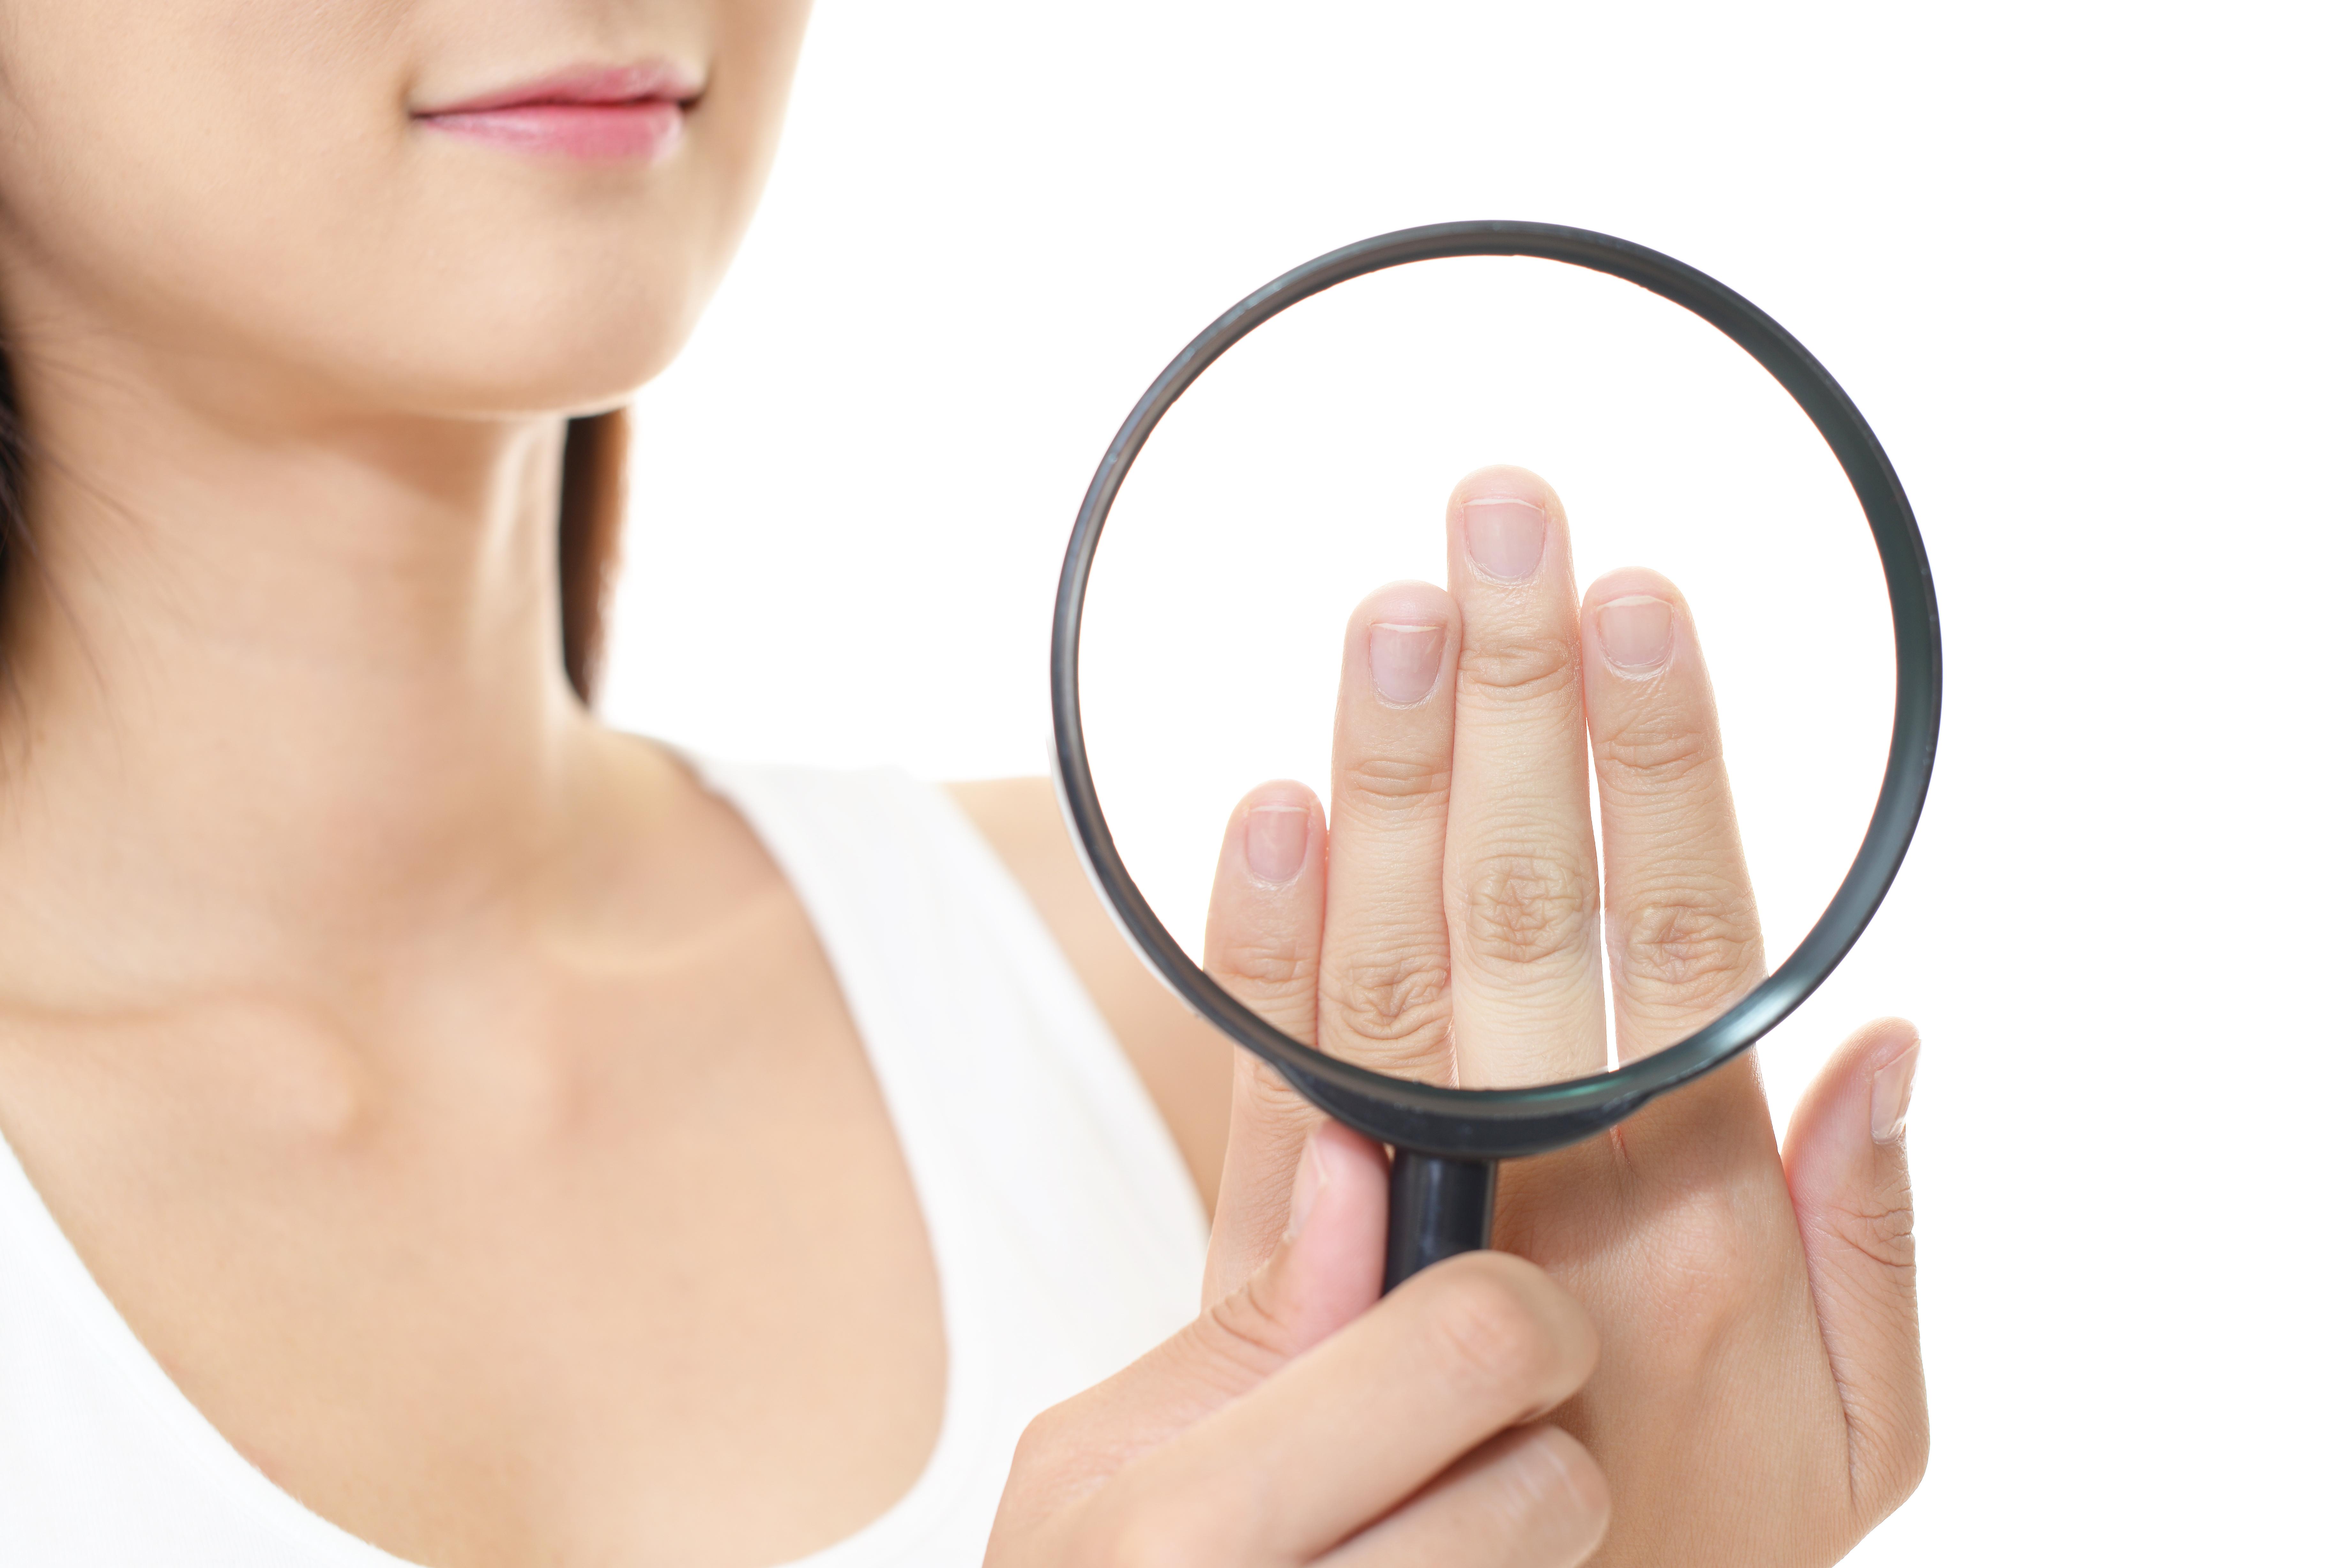 巻き爪、グリーンネイル、爪白癬……身近な爪のトラブルはこうして治す